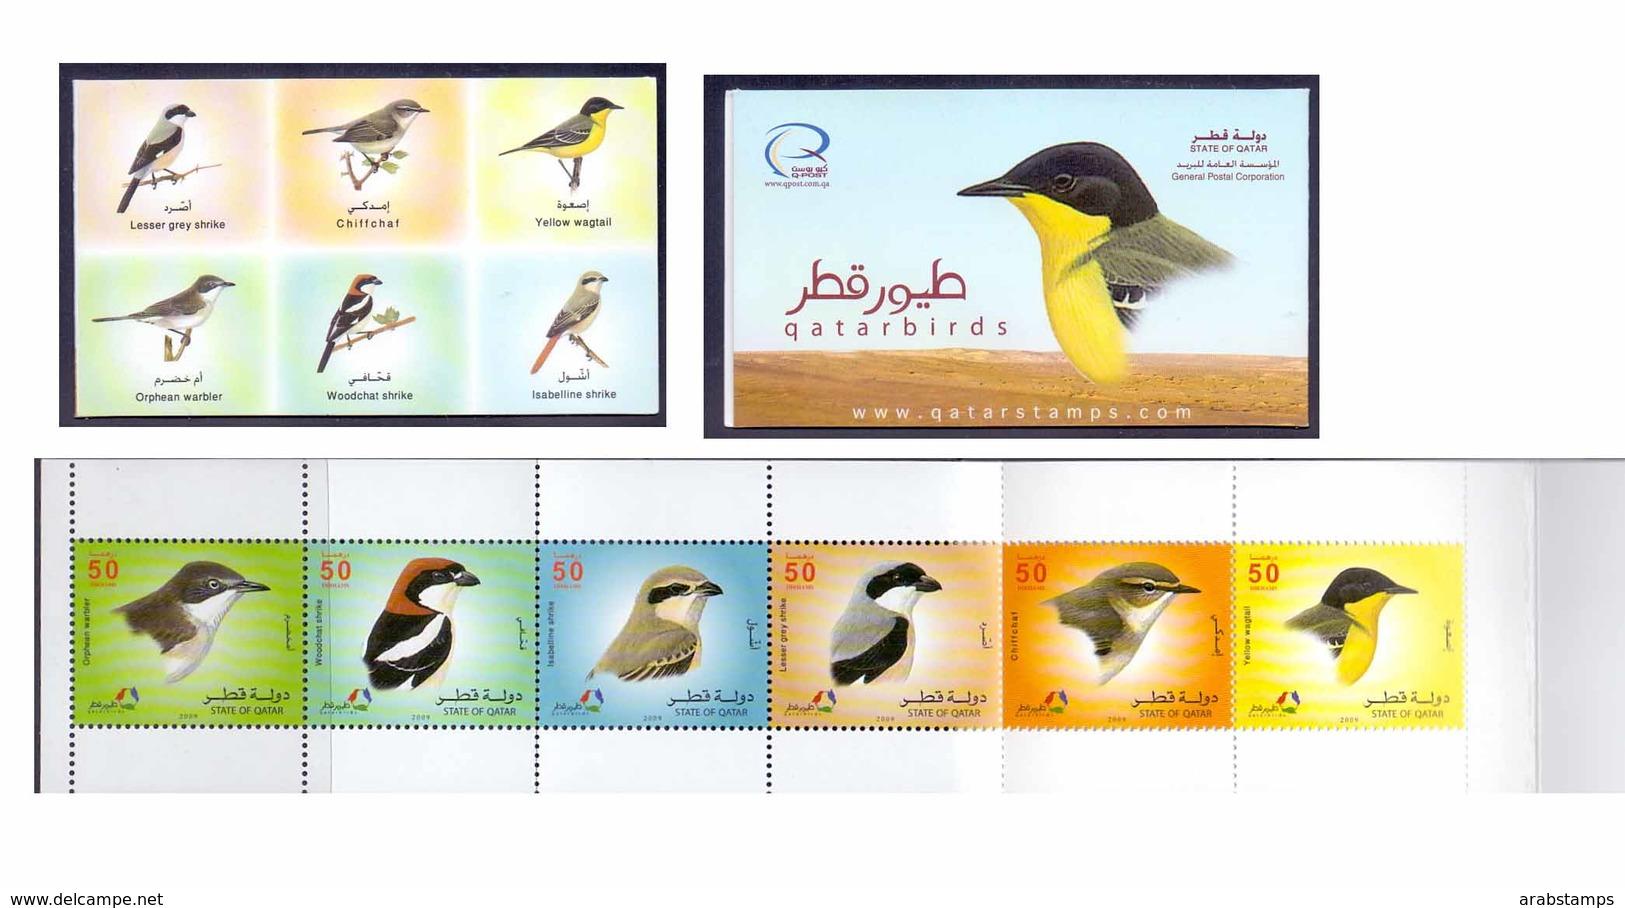 2009 QATAR Birds Booklet MNH - Qatar